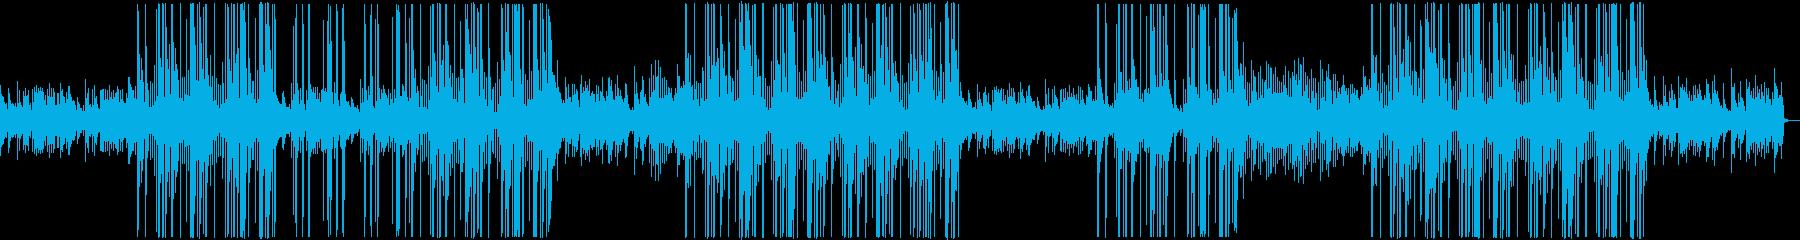 ピアノフレーズが印象的なトラップビートの再生済みの波形